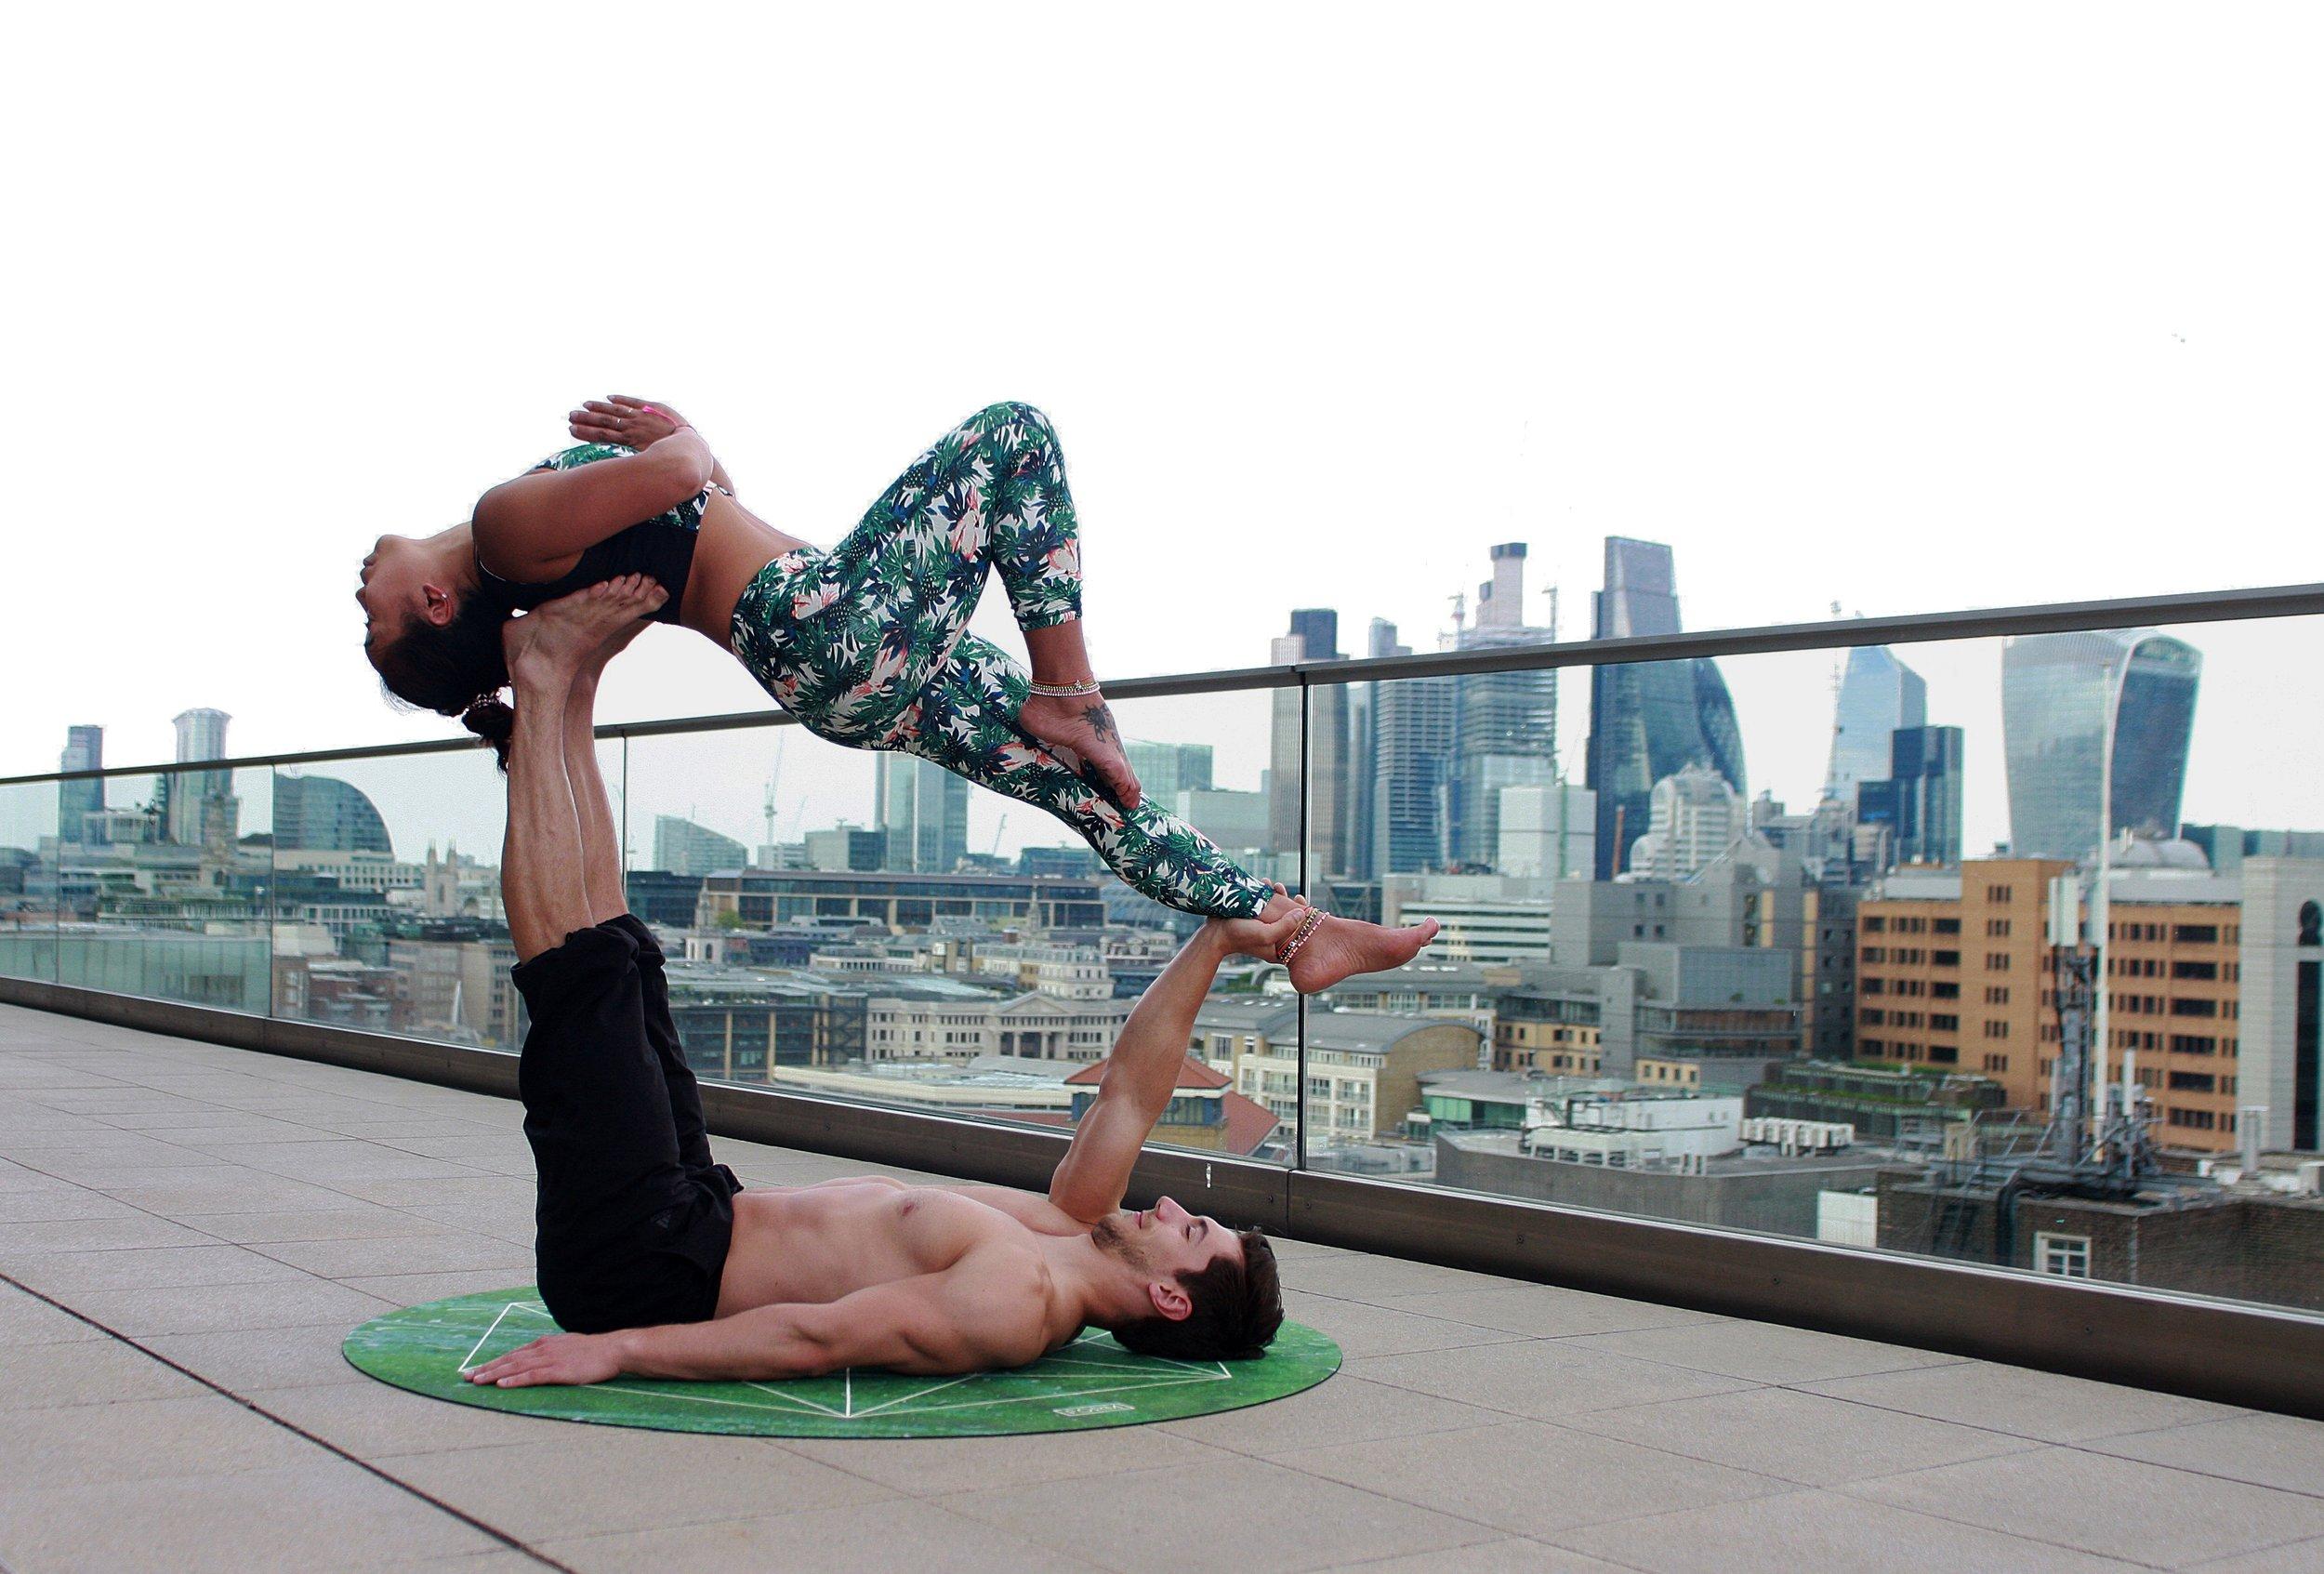 man-lying-down-on-mat-while-lifting-woman-1139489.jpg